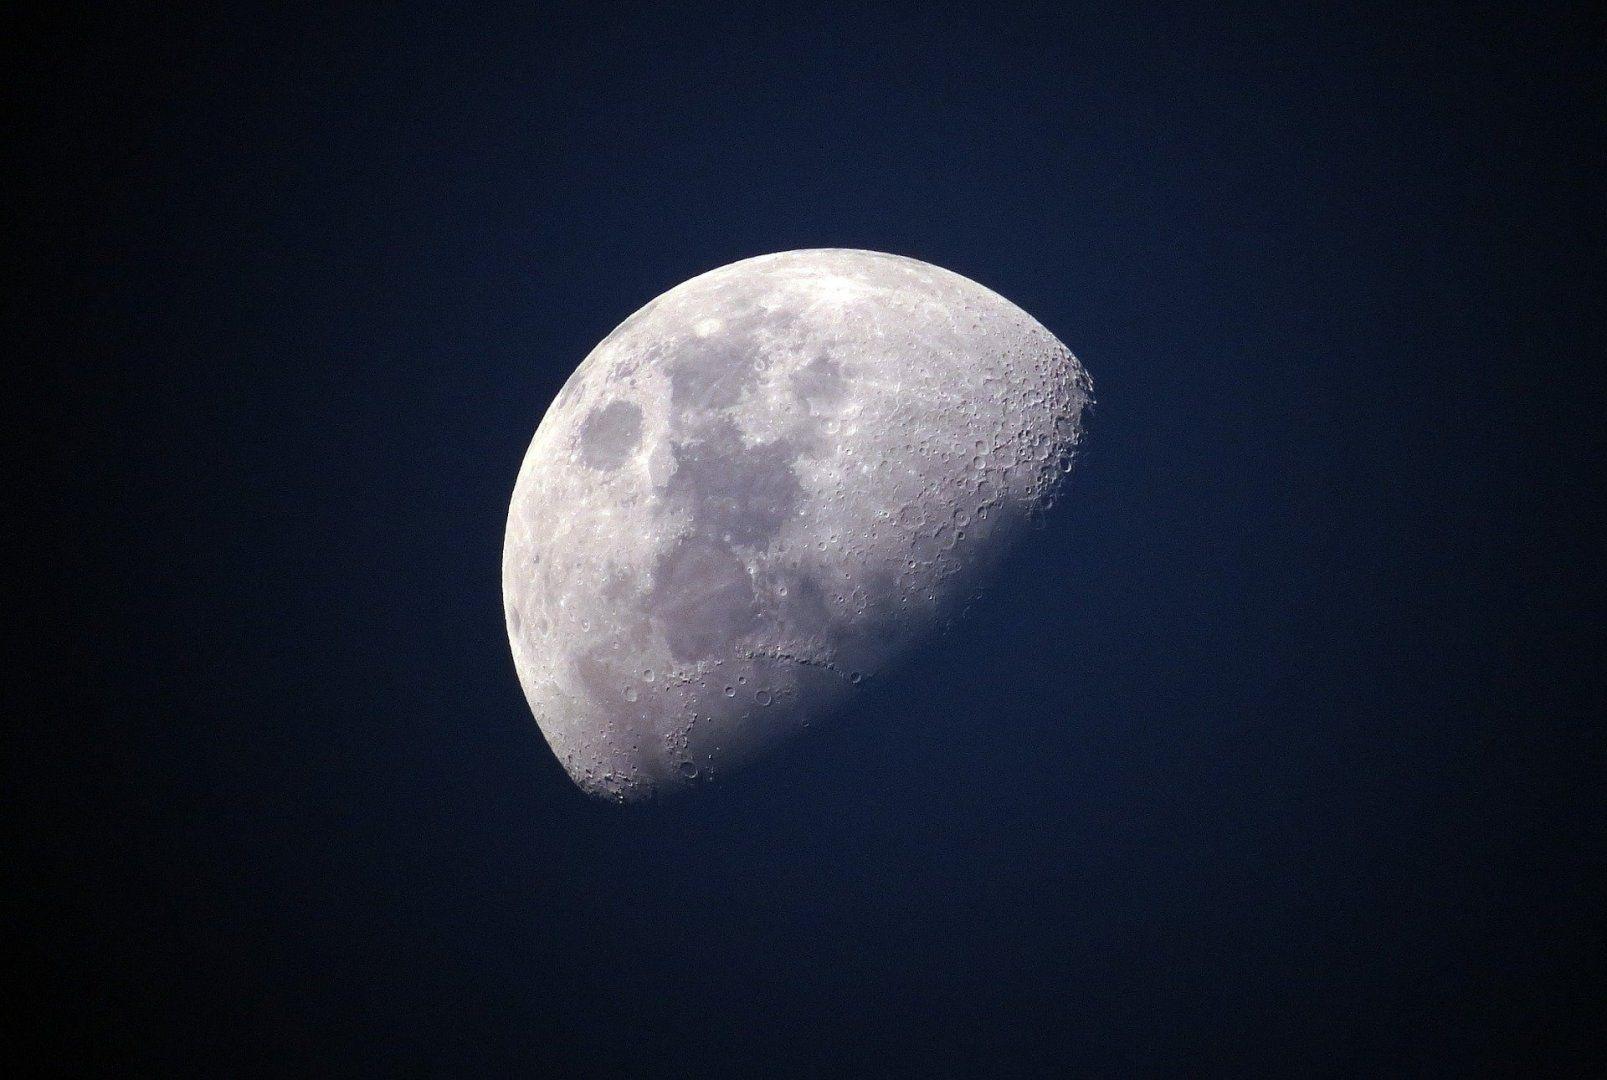 moon-1527501_1920.jpg